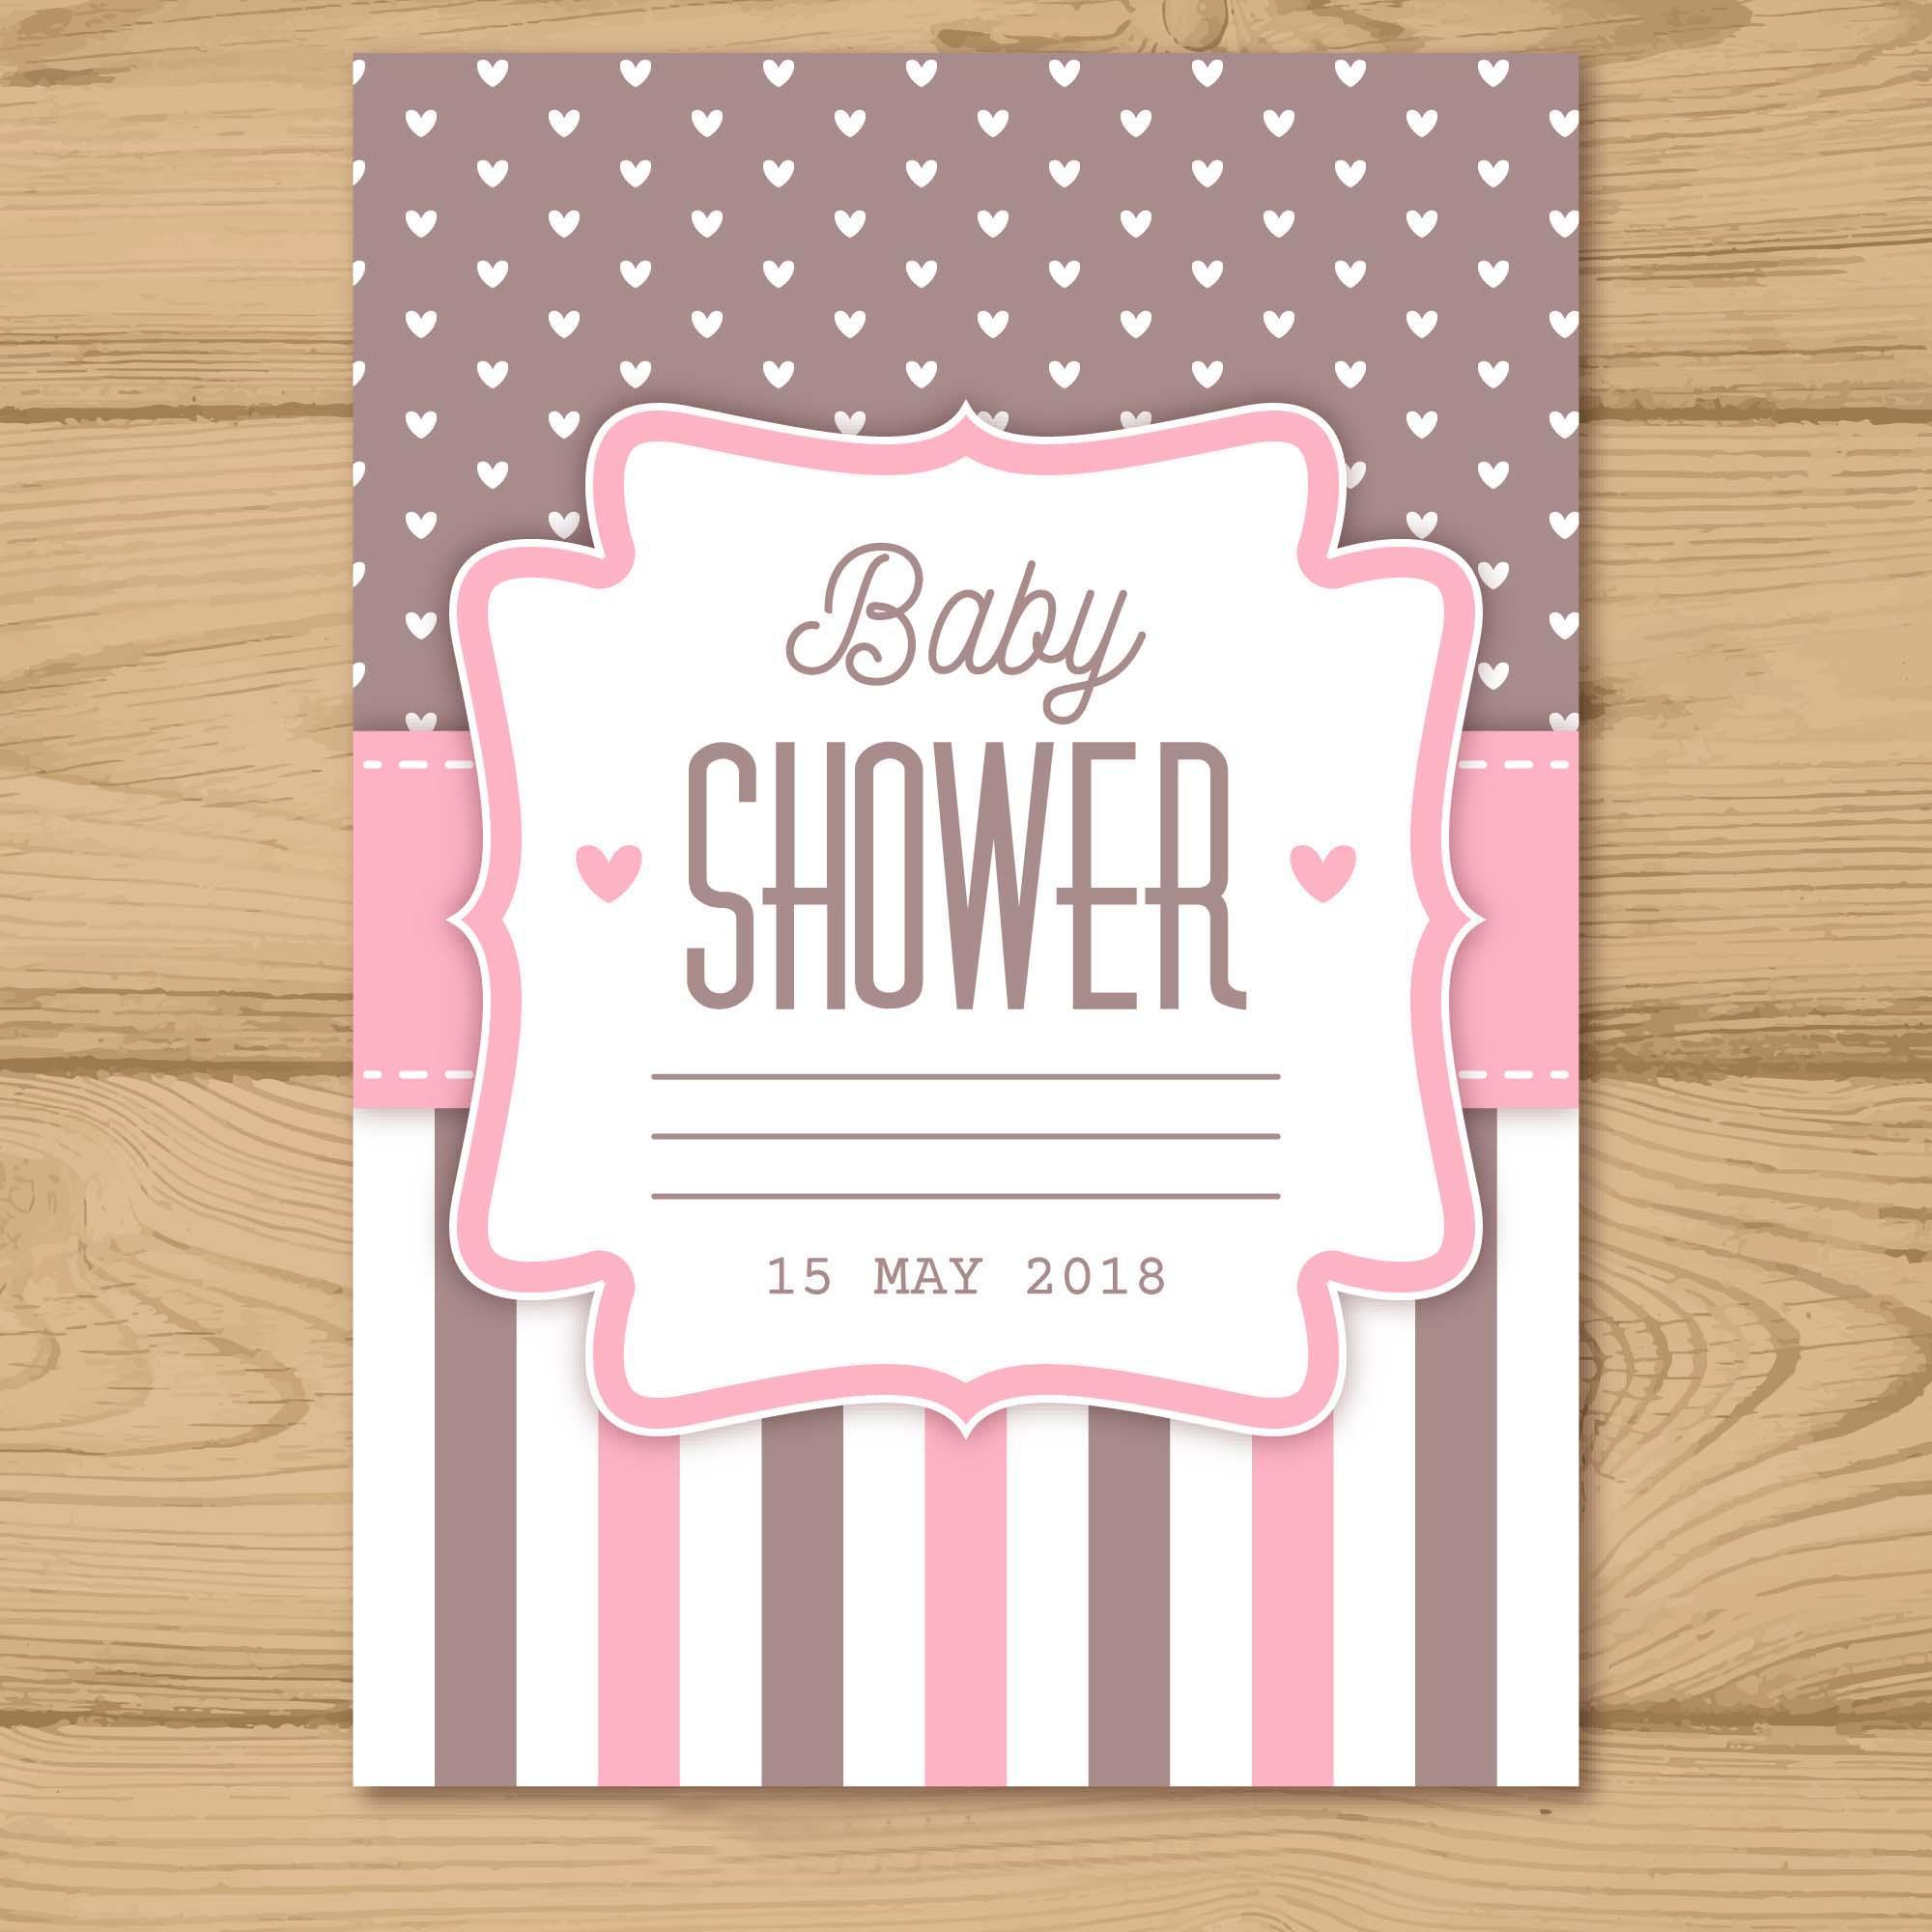 Tarjetas Creativas De Invitación De Baby Shower For Android